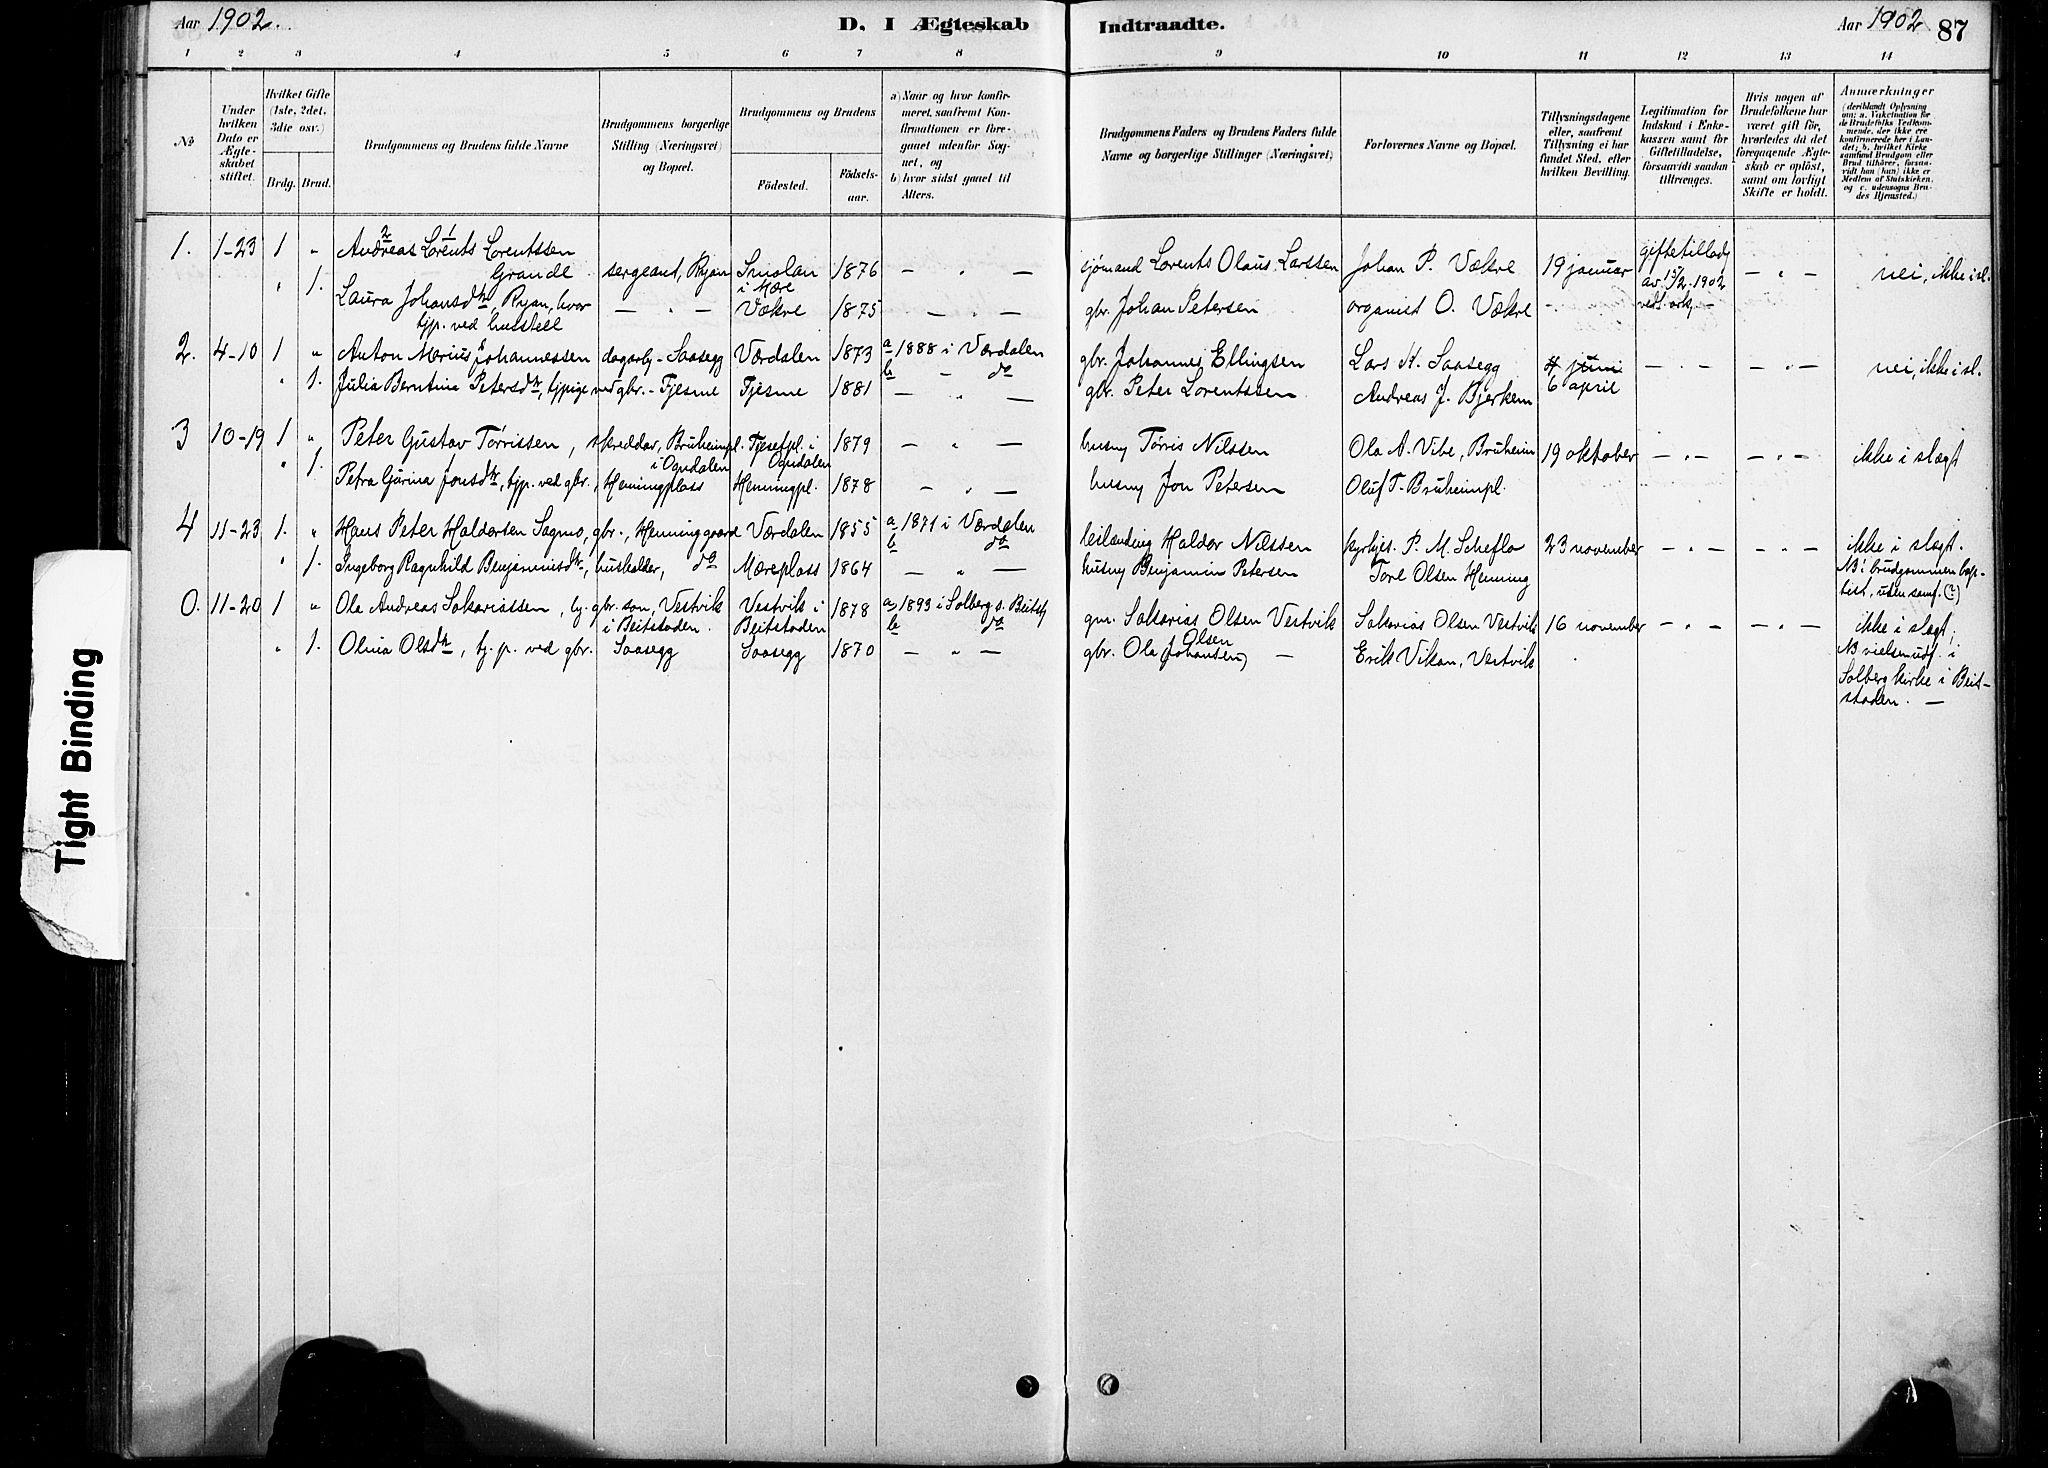 SAT, Ministerialprotokoller, klokkerbøker og fødselsregistre - Nord-Trøndelag, 738/L0364: Ministerialbok nr. 738A01, 1884-1902, s. 87